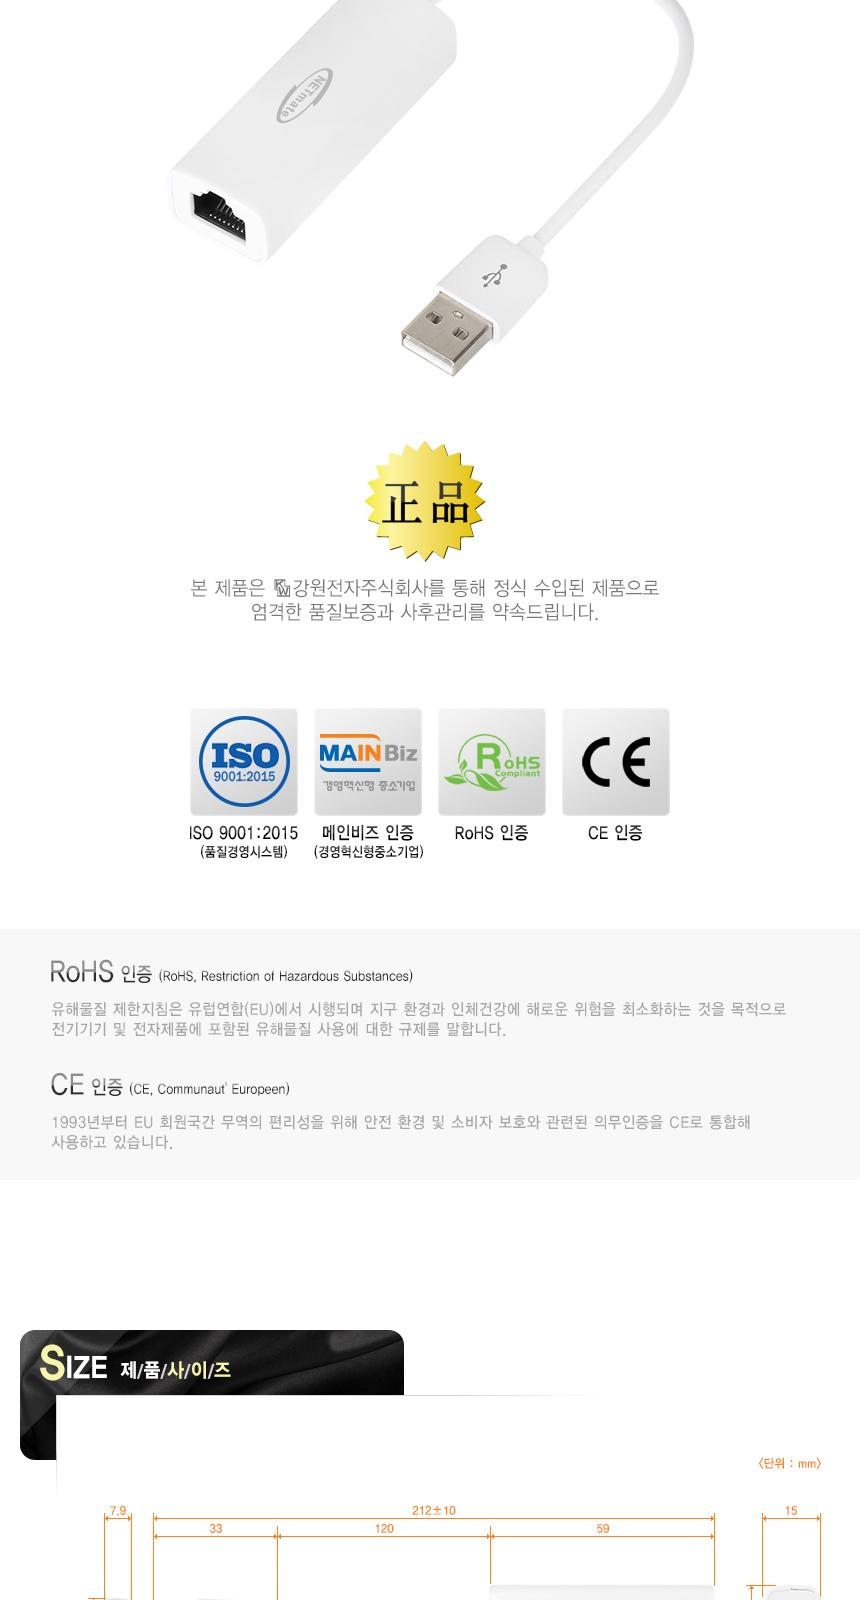 강원전자 NETmate NM-SWA02 USB 랜카드